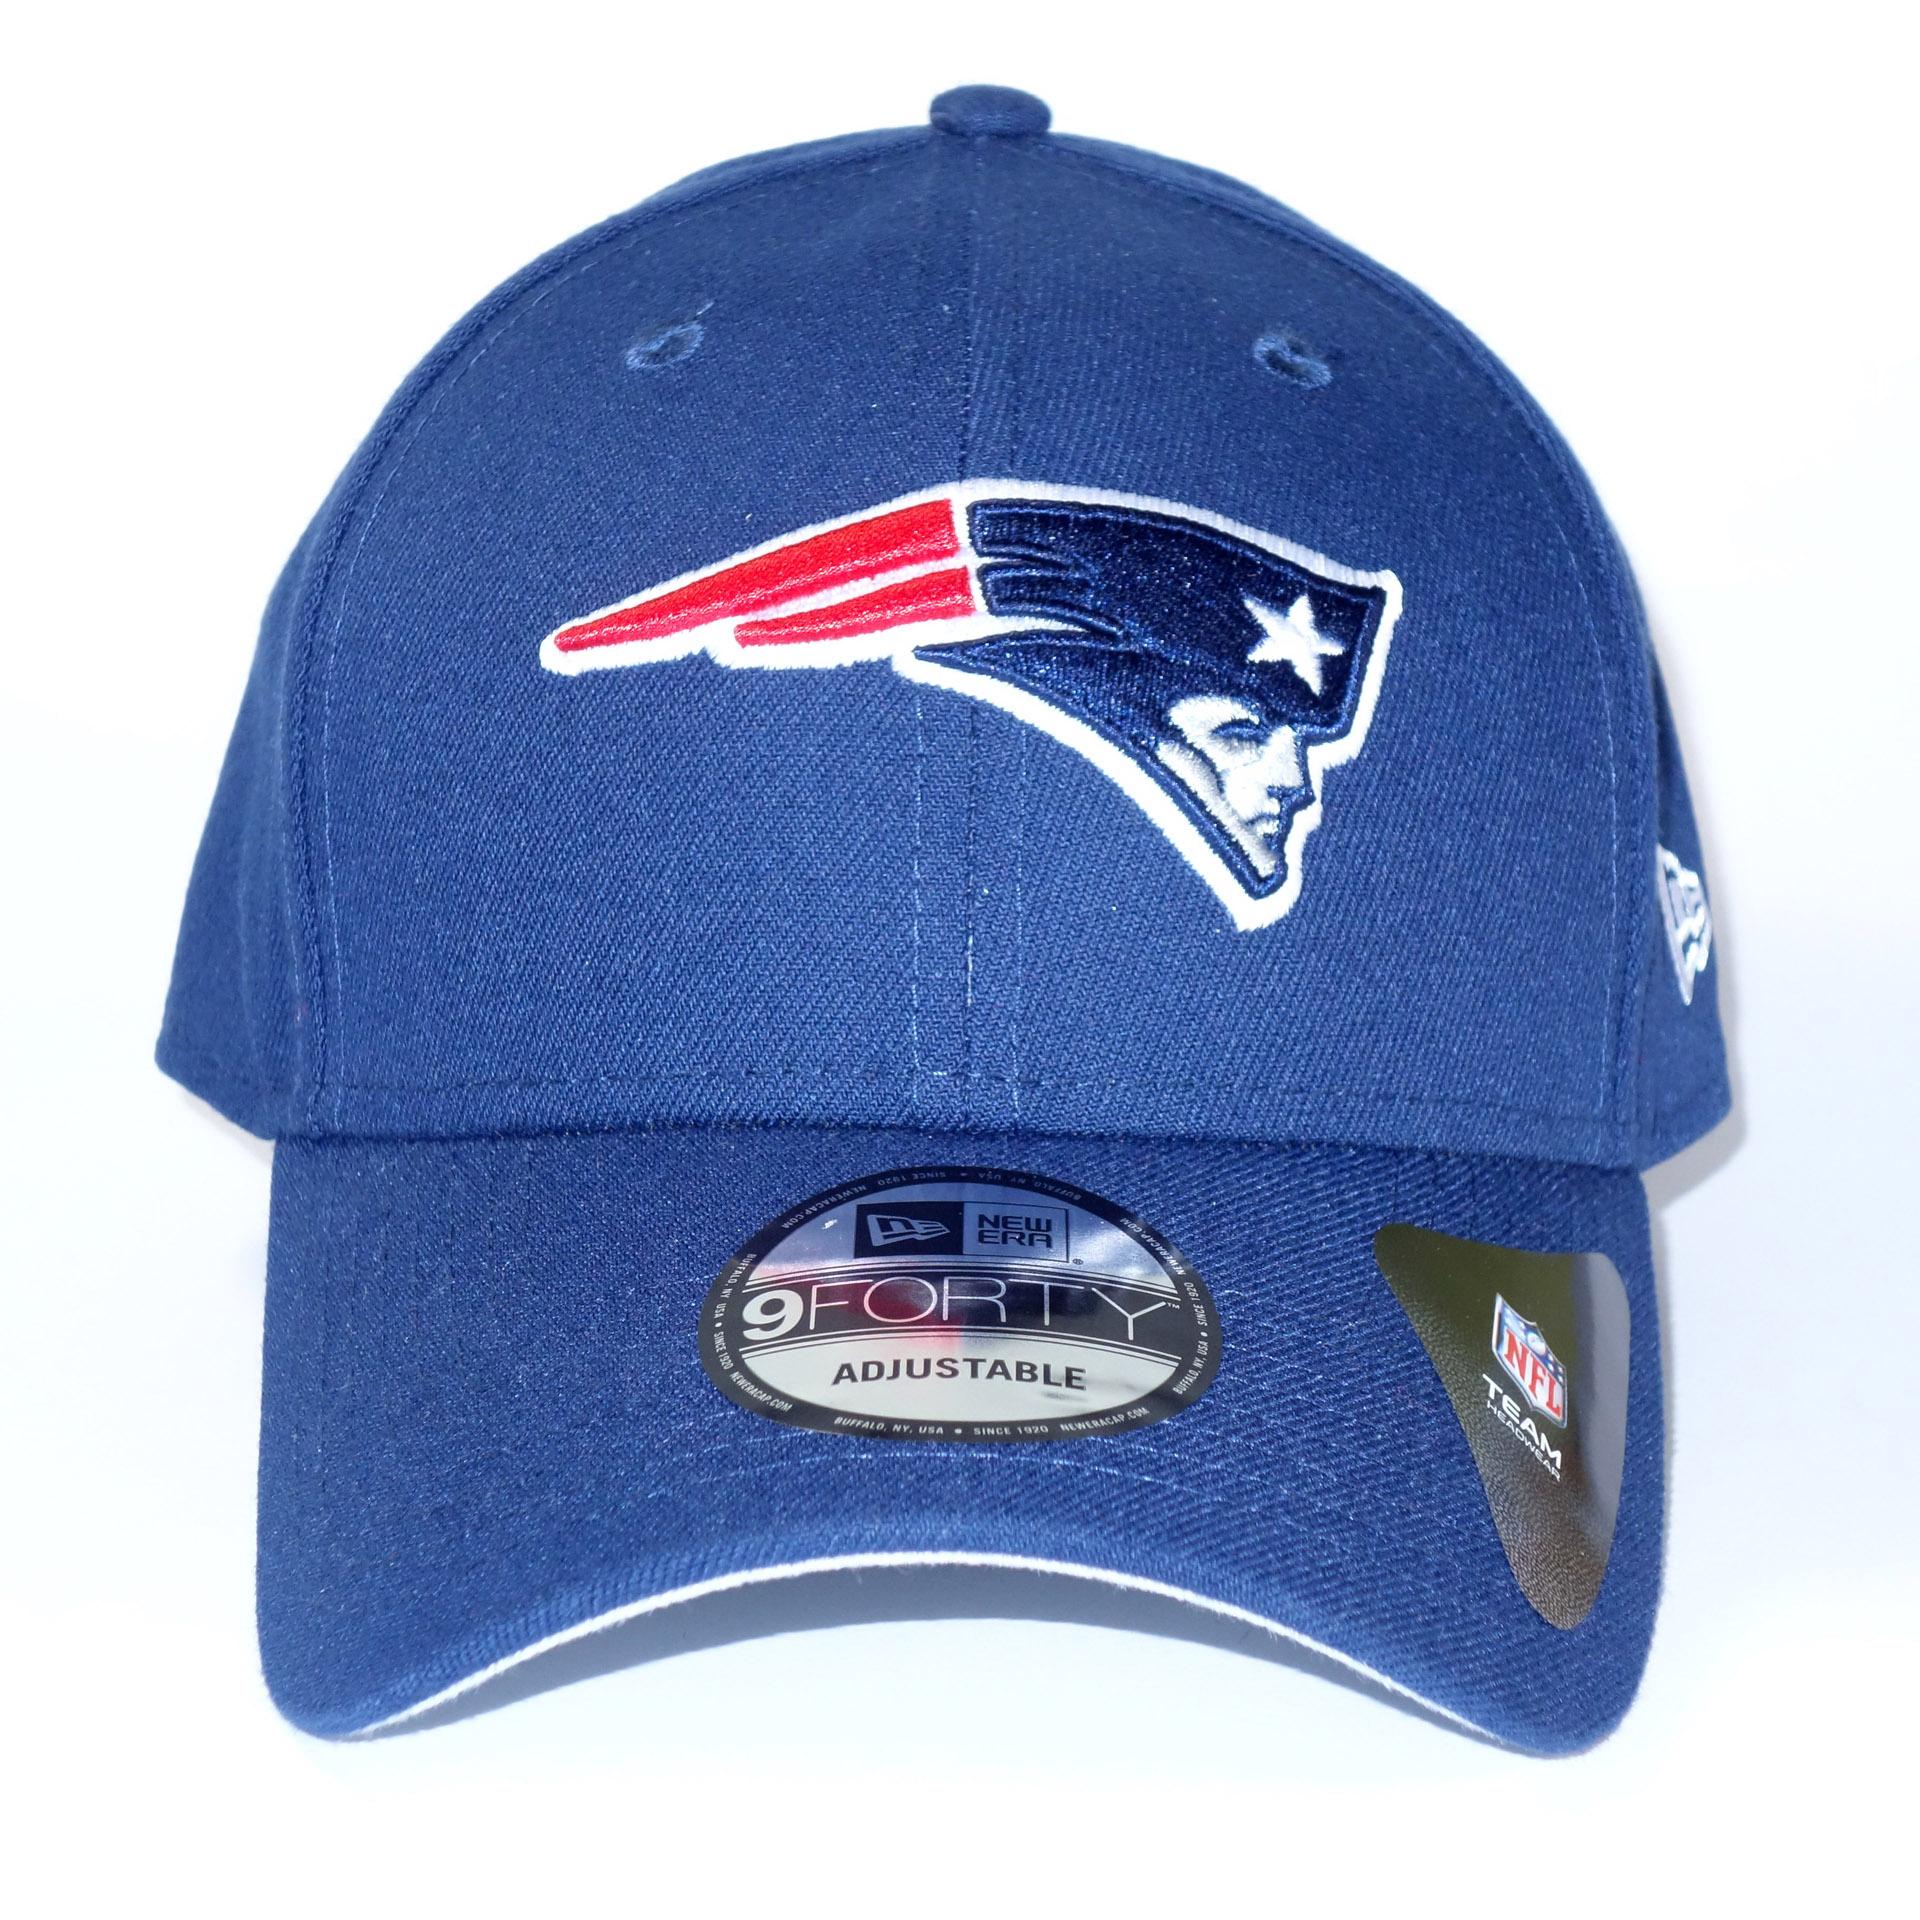 NFL New Era Cap New England Partiots